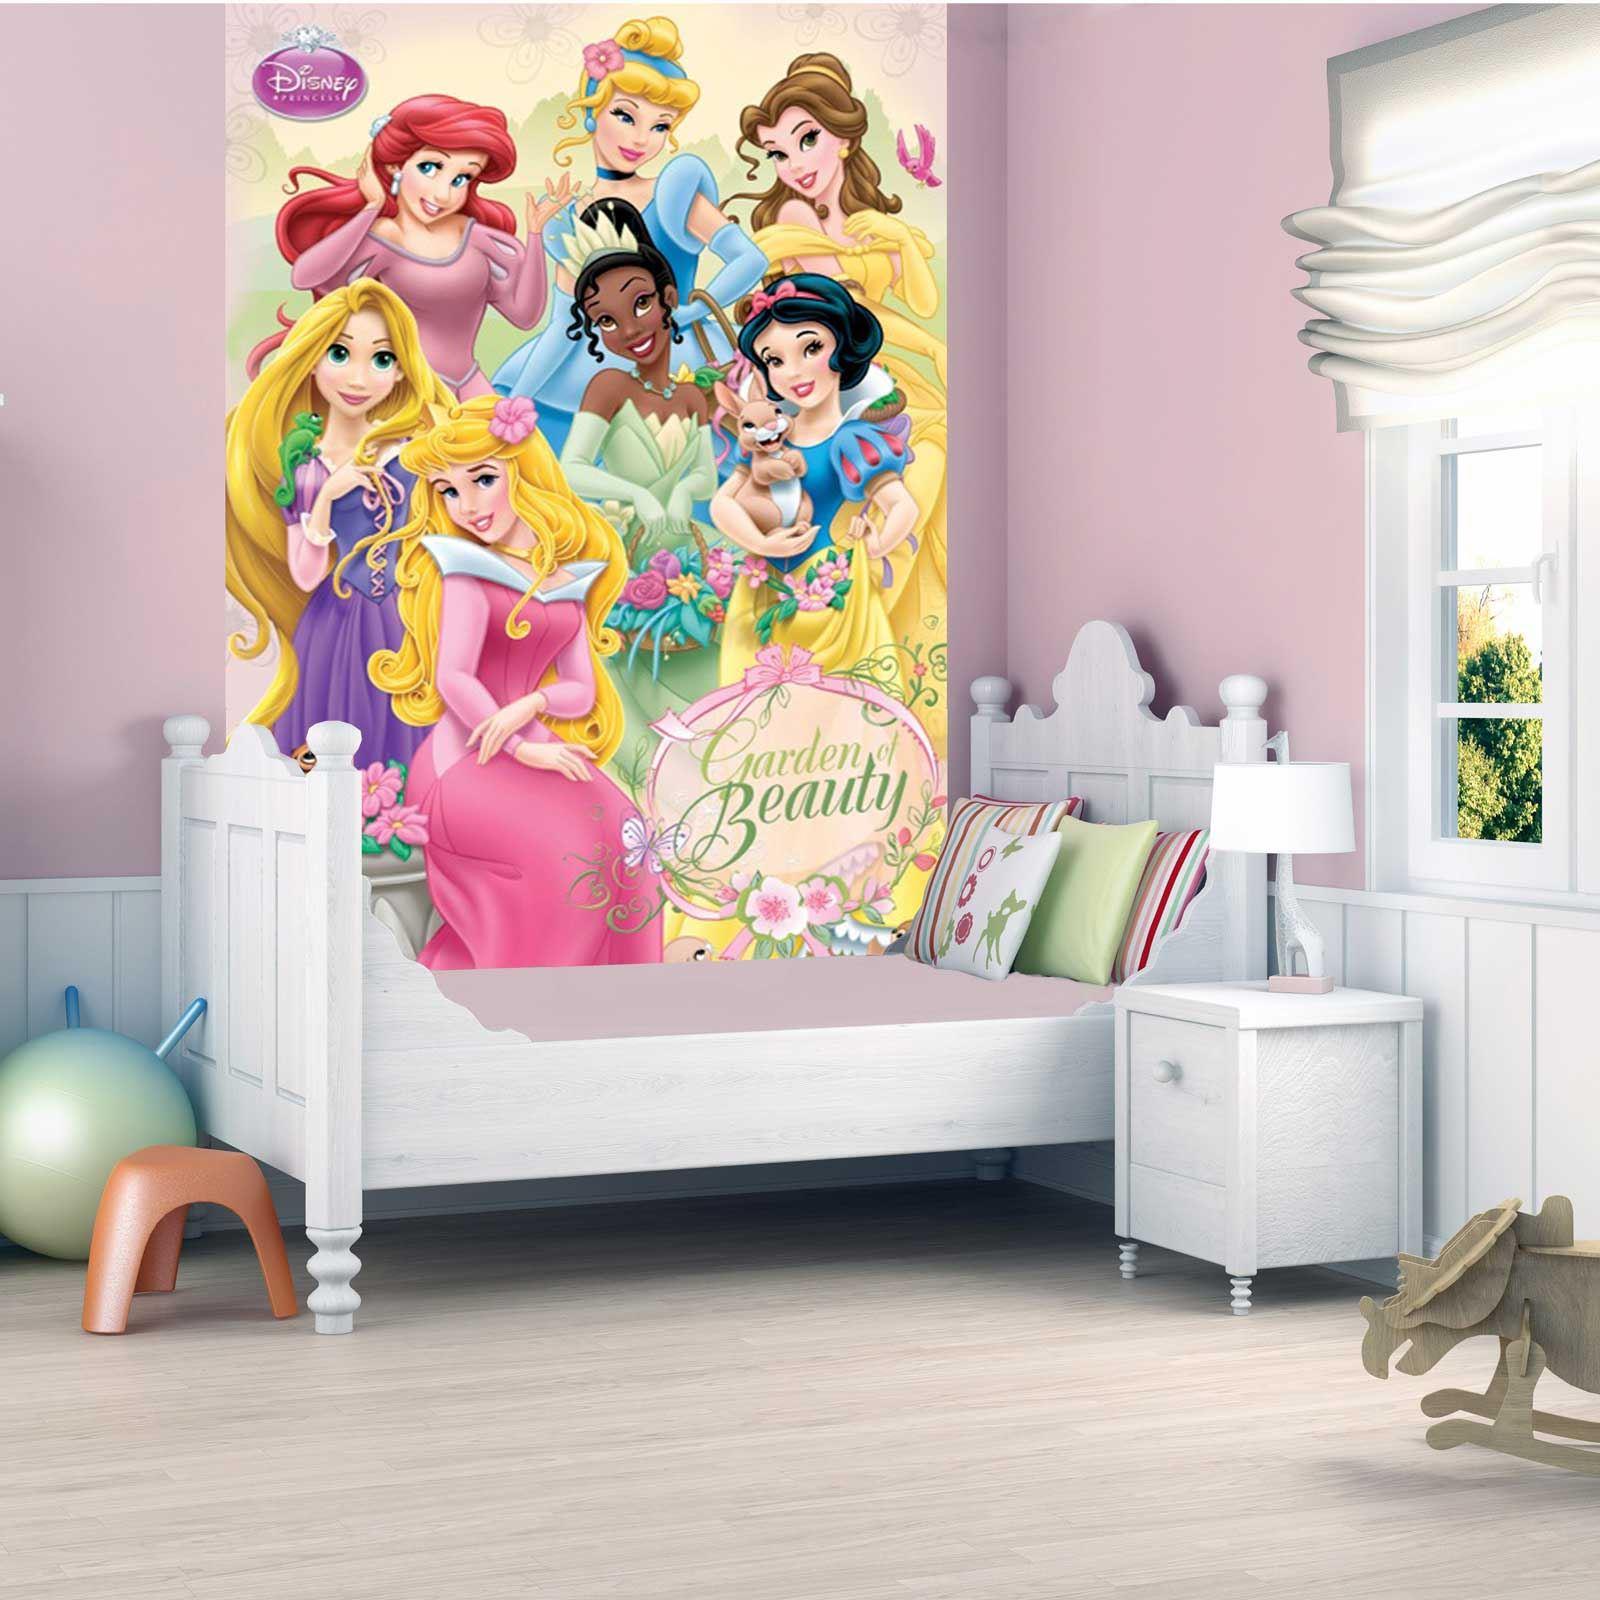 Disney princess papel pintado pared mural 232cm x 158cm for Papel mural para dormitorio